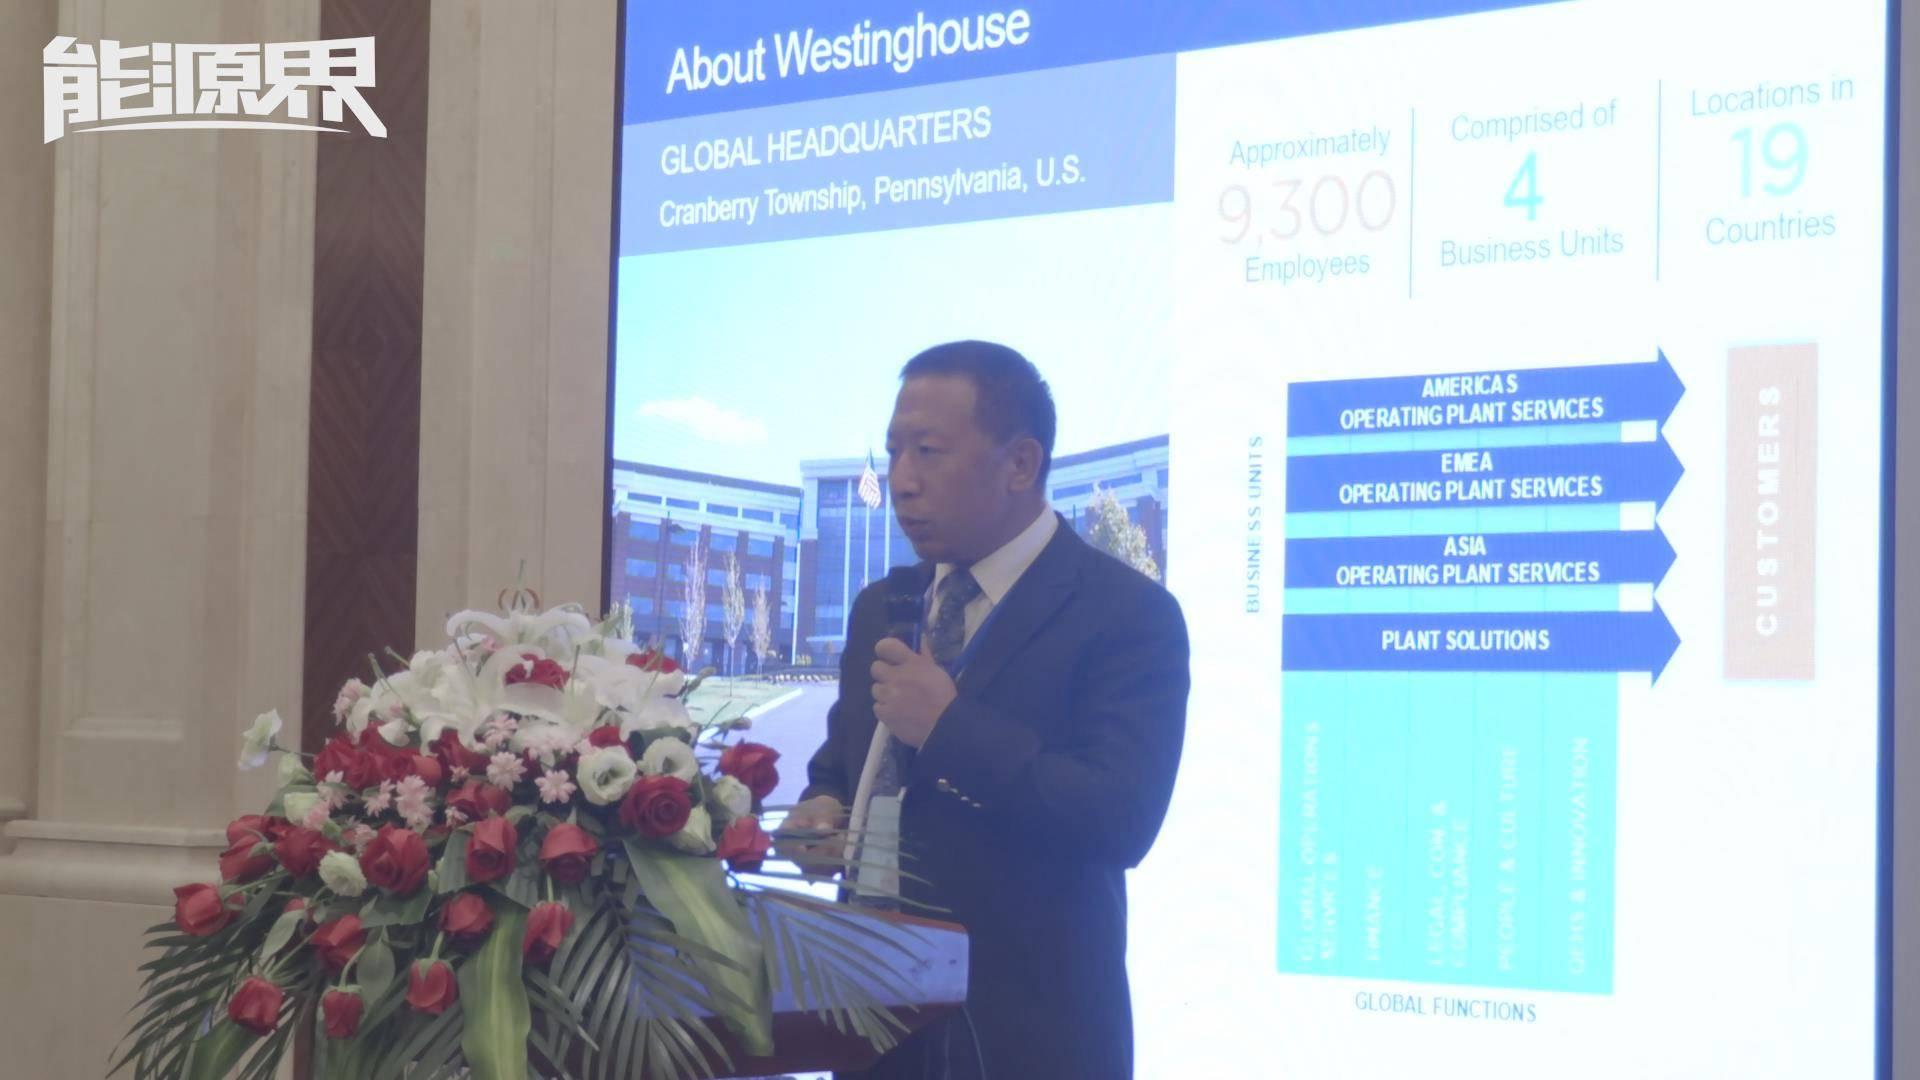 廉宏伟:通过技术创新提高电站的效率和经济性